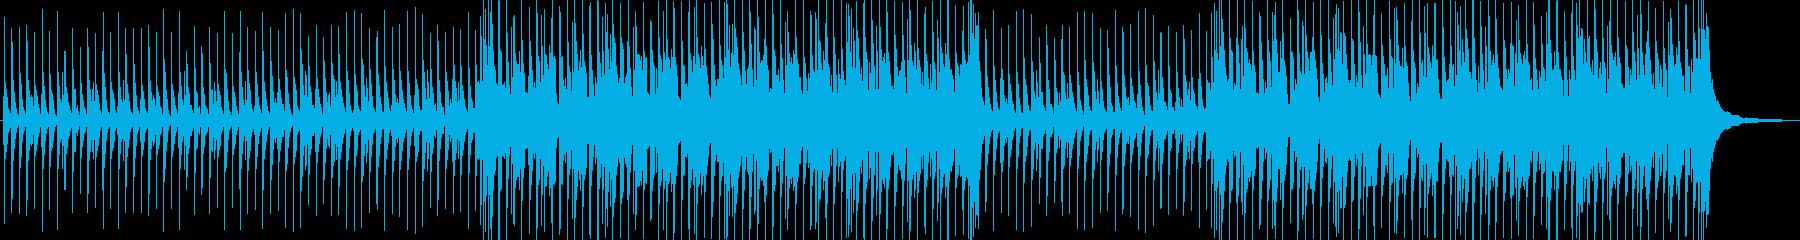 ウクレレ、ほのぼの、南国、夏、ビーチ、Eの再生済みの波形